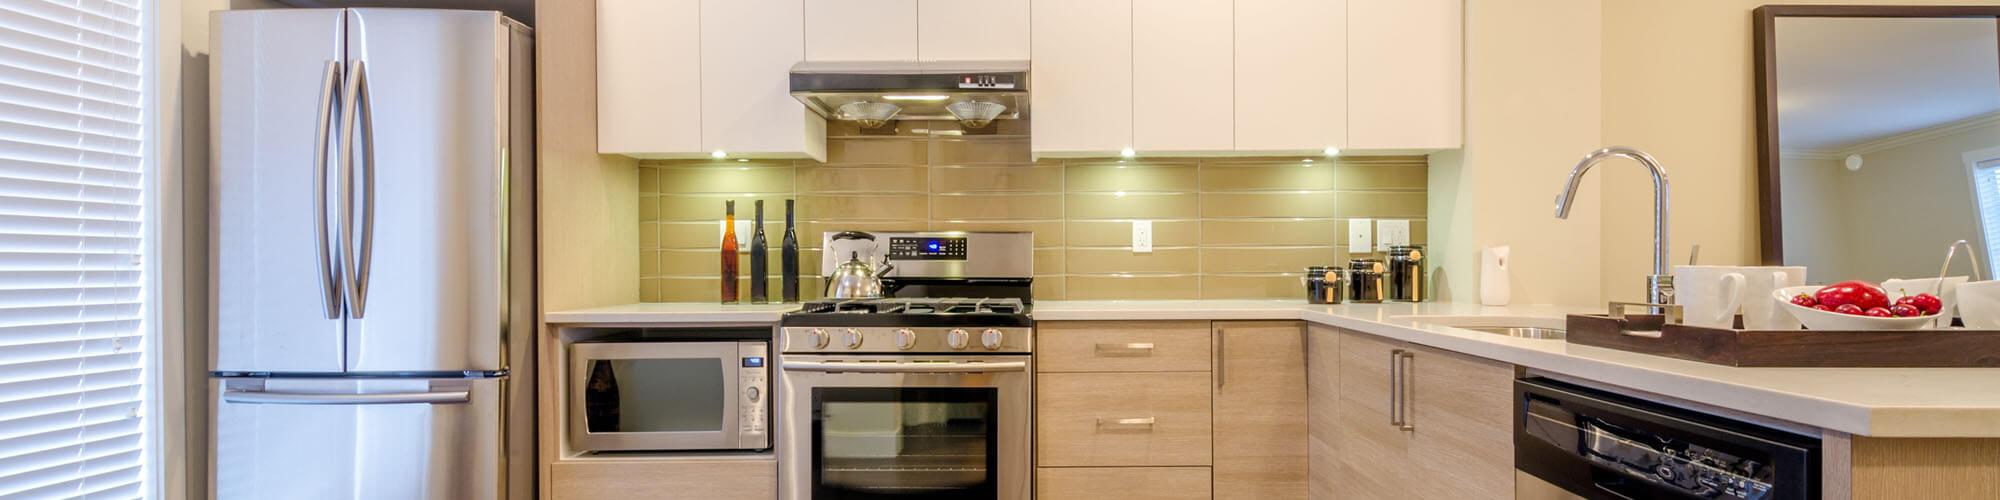 kitchen remodel, kitchen design   sarasota, fl